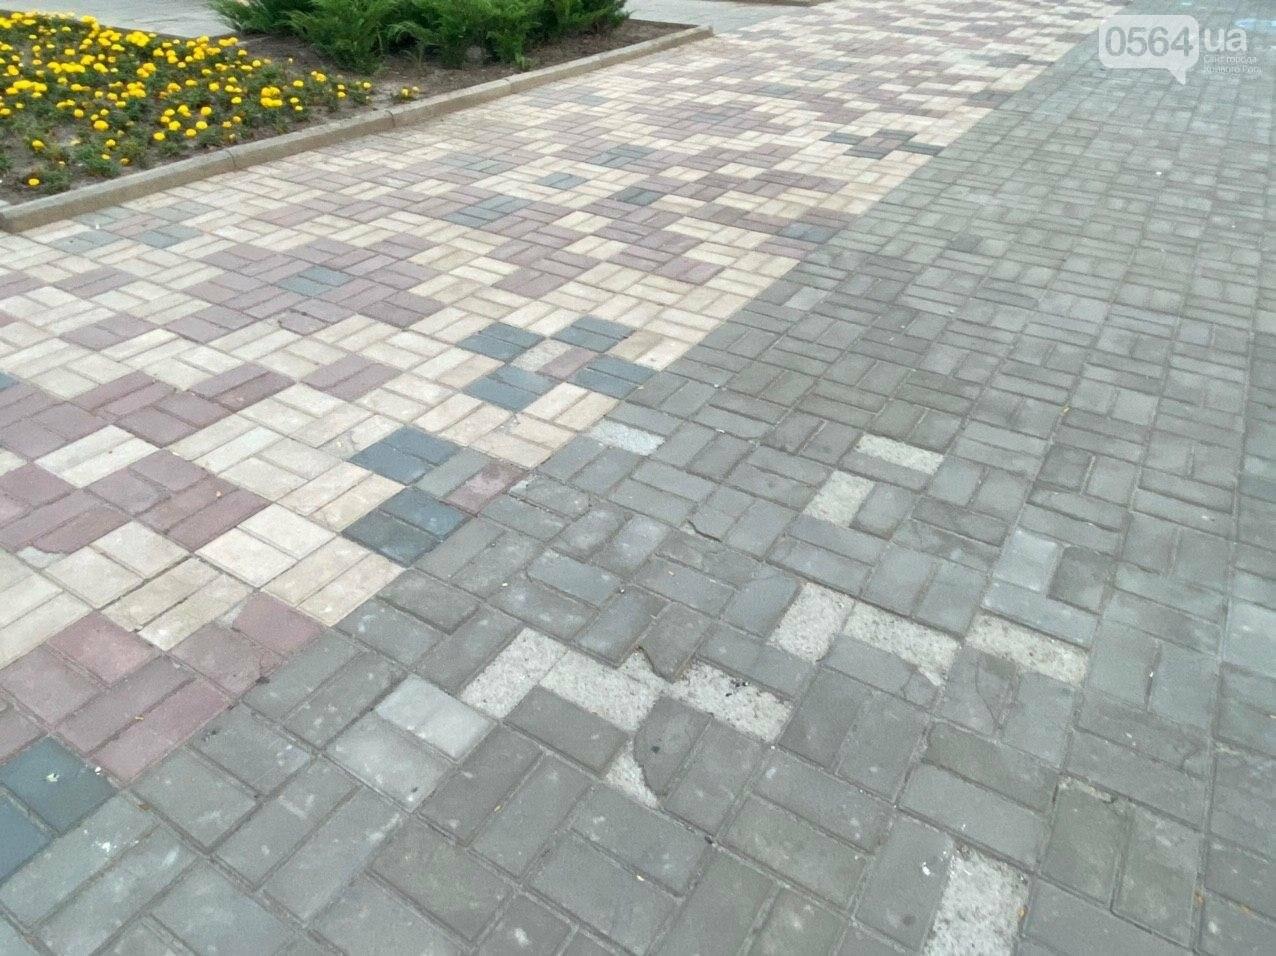 Второй раз по гарантийному договору будут менять плитку под райисполкомом в Кривом Роге, - ФОТО , фото-23